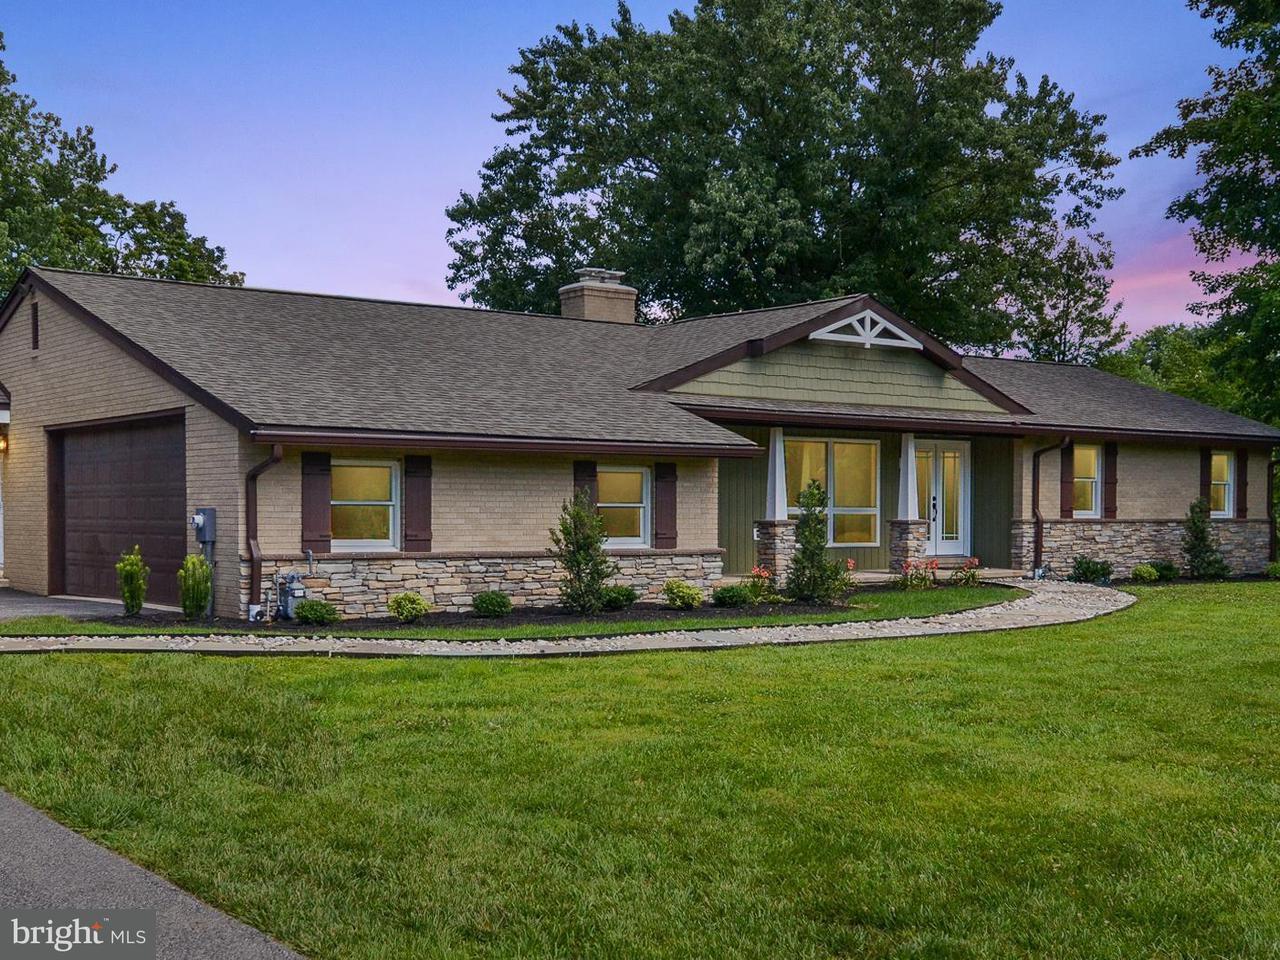 Частный односемейный дом для того Продажа на 12421 MANOR Road 12421 MANOR Road Glen Arm, Мэриленд 21057 Соединенные Штаты